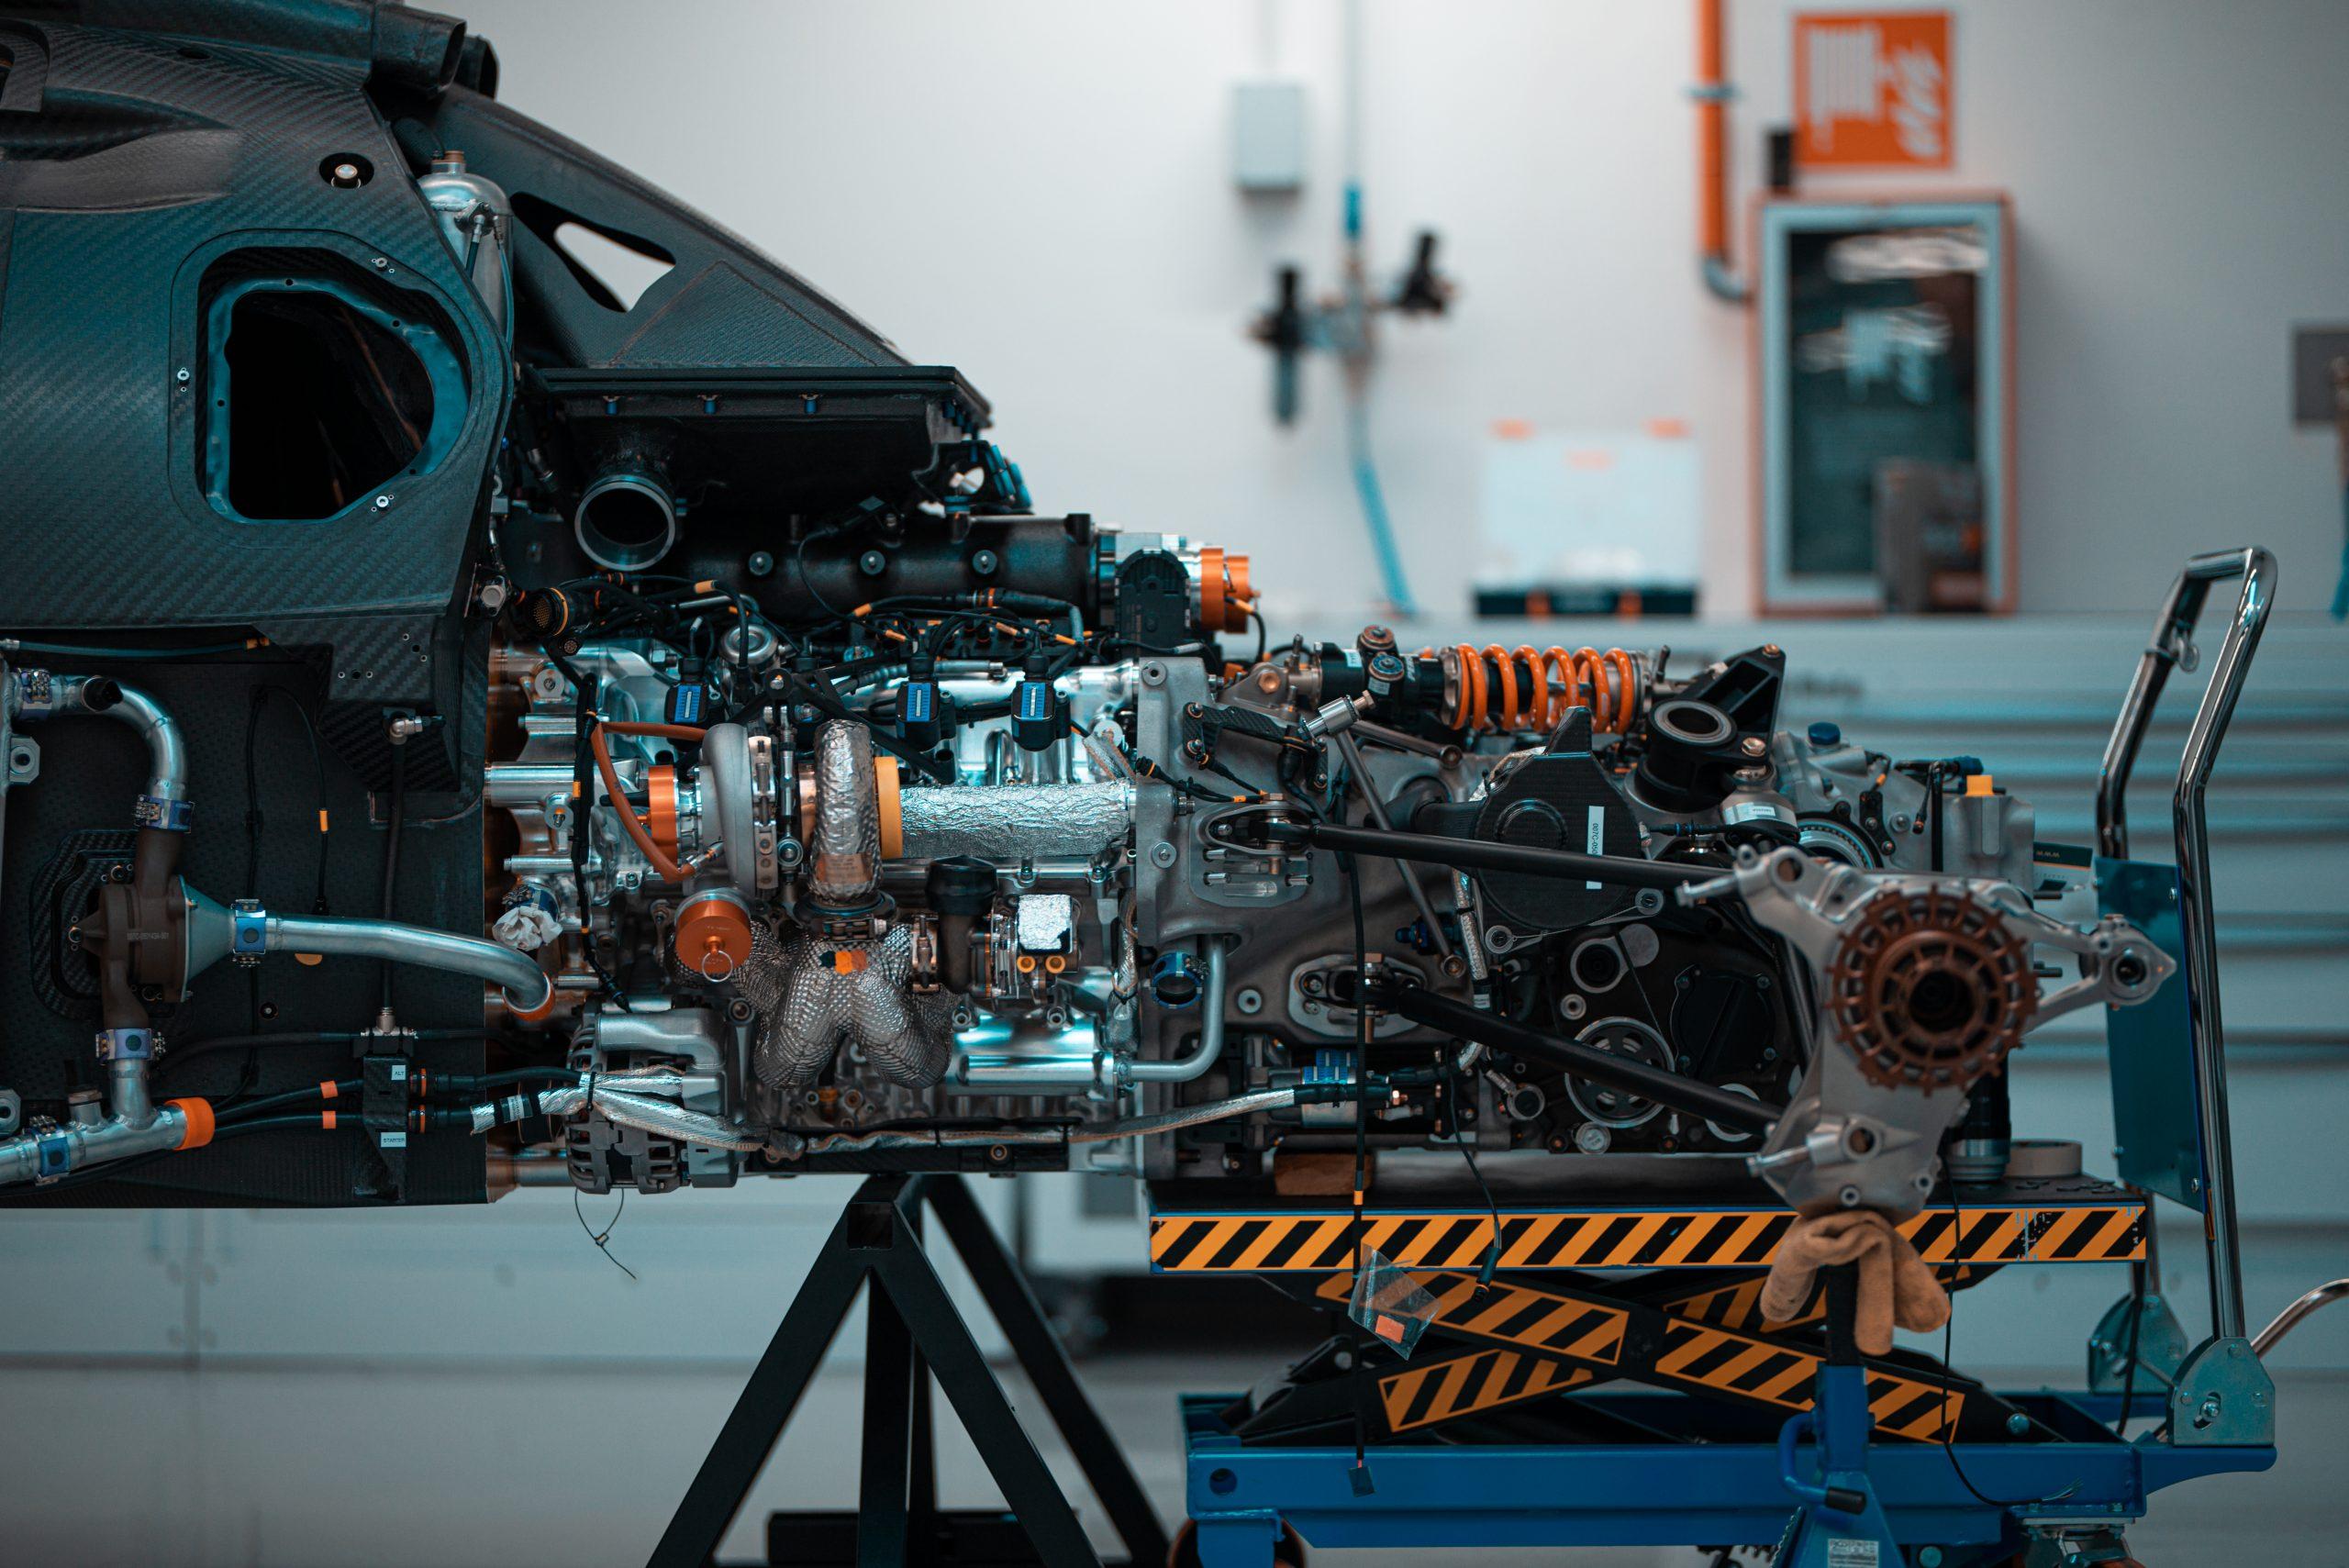 Glickenhaus 007 Hypercar LMH engine